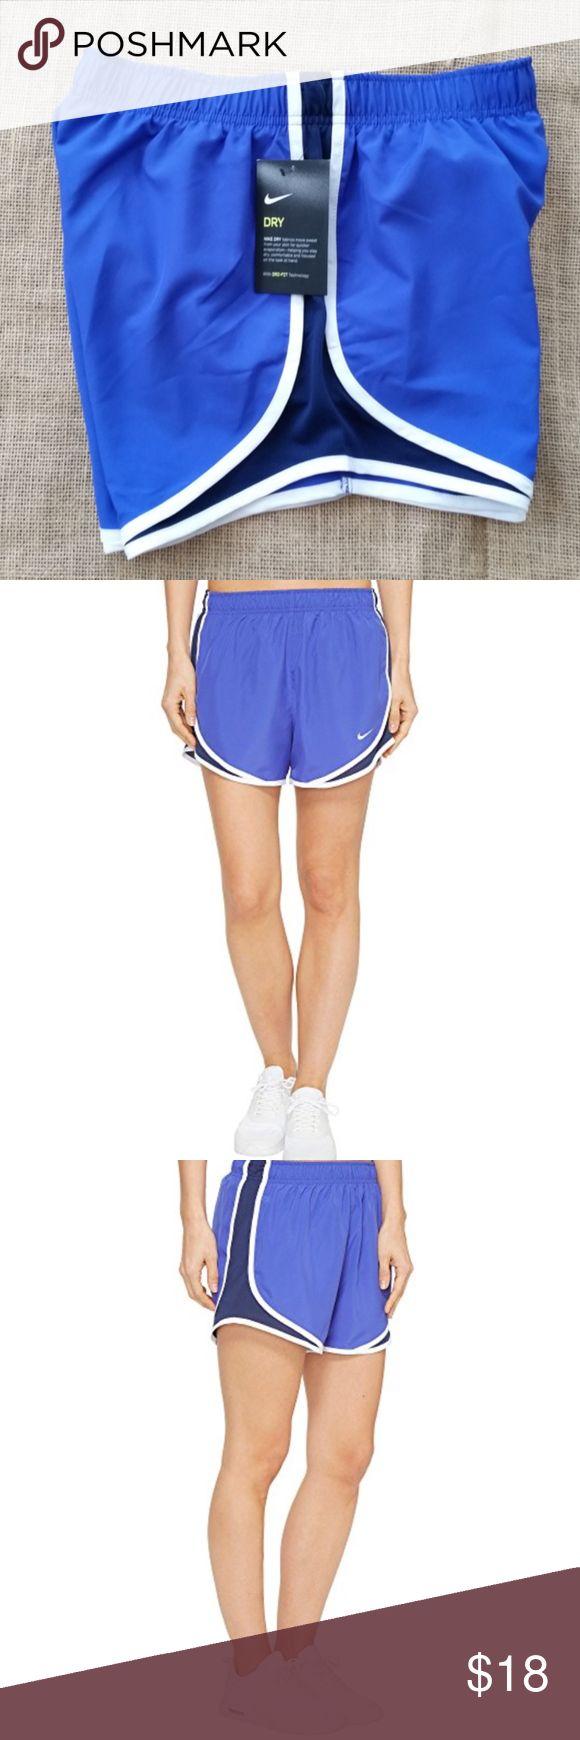 Nike Dri-Fit Shorts Size Small Nike Dri-Fit Shorts Running Shorts - Size Small Paramount Blue/Binary Blue Nike Shorts